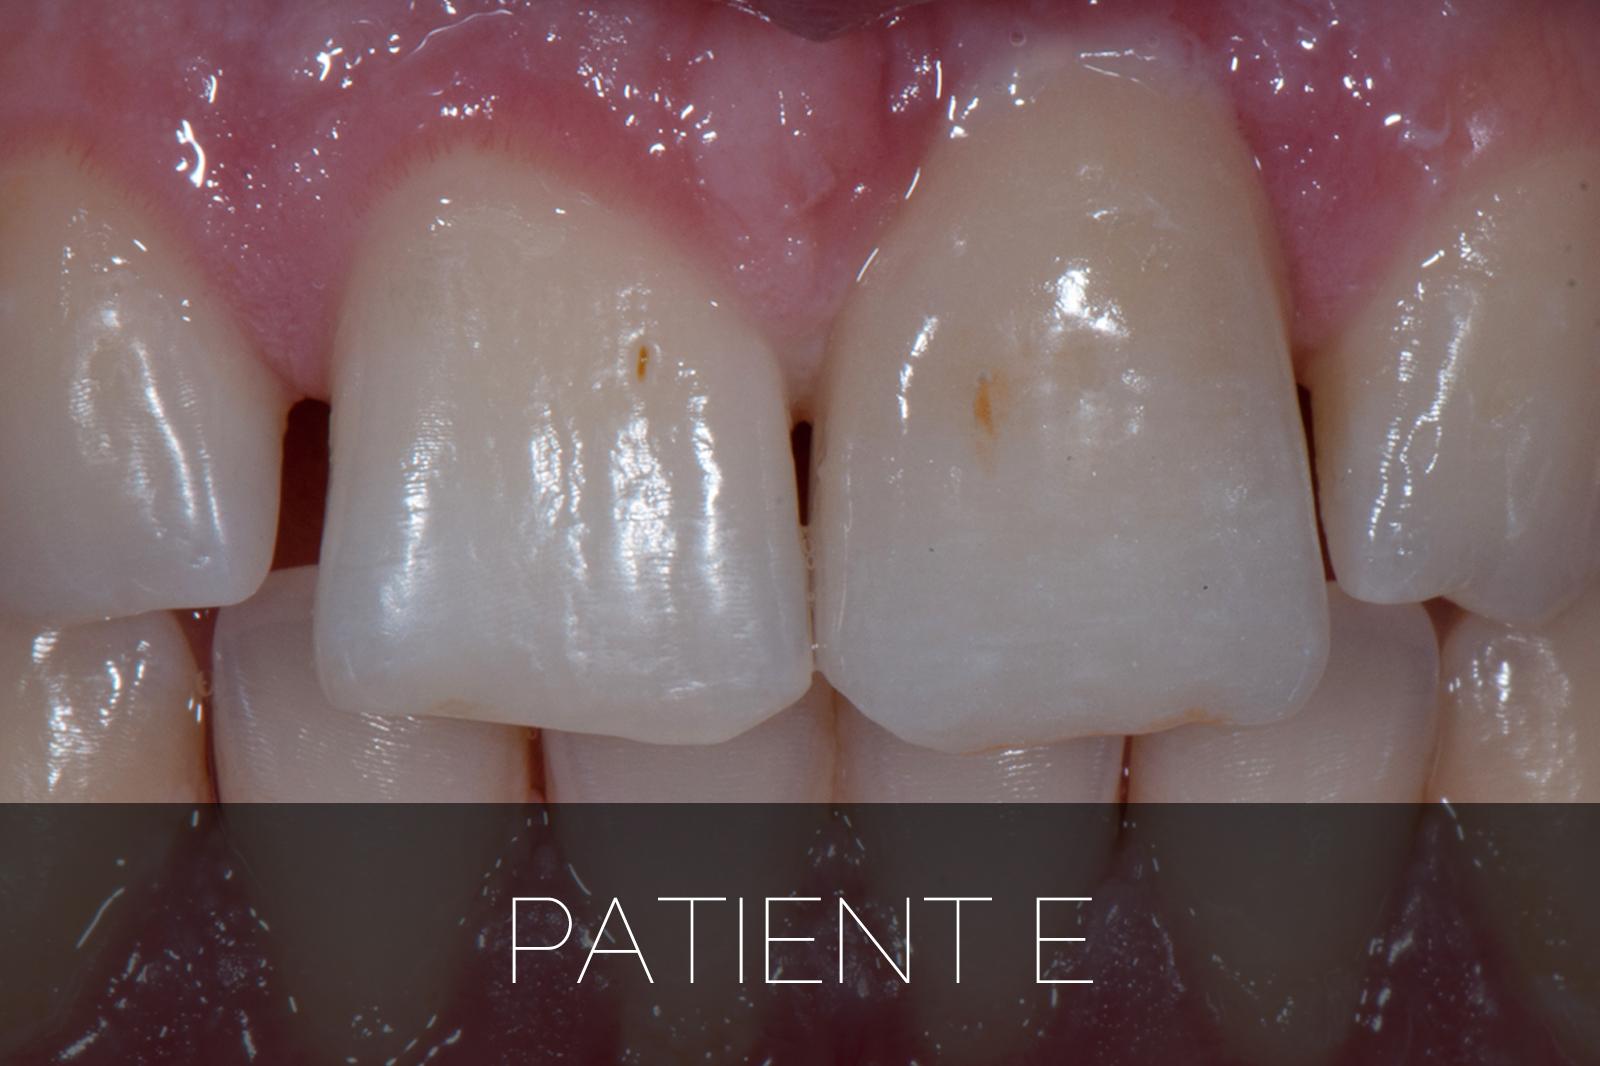 Patient E